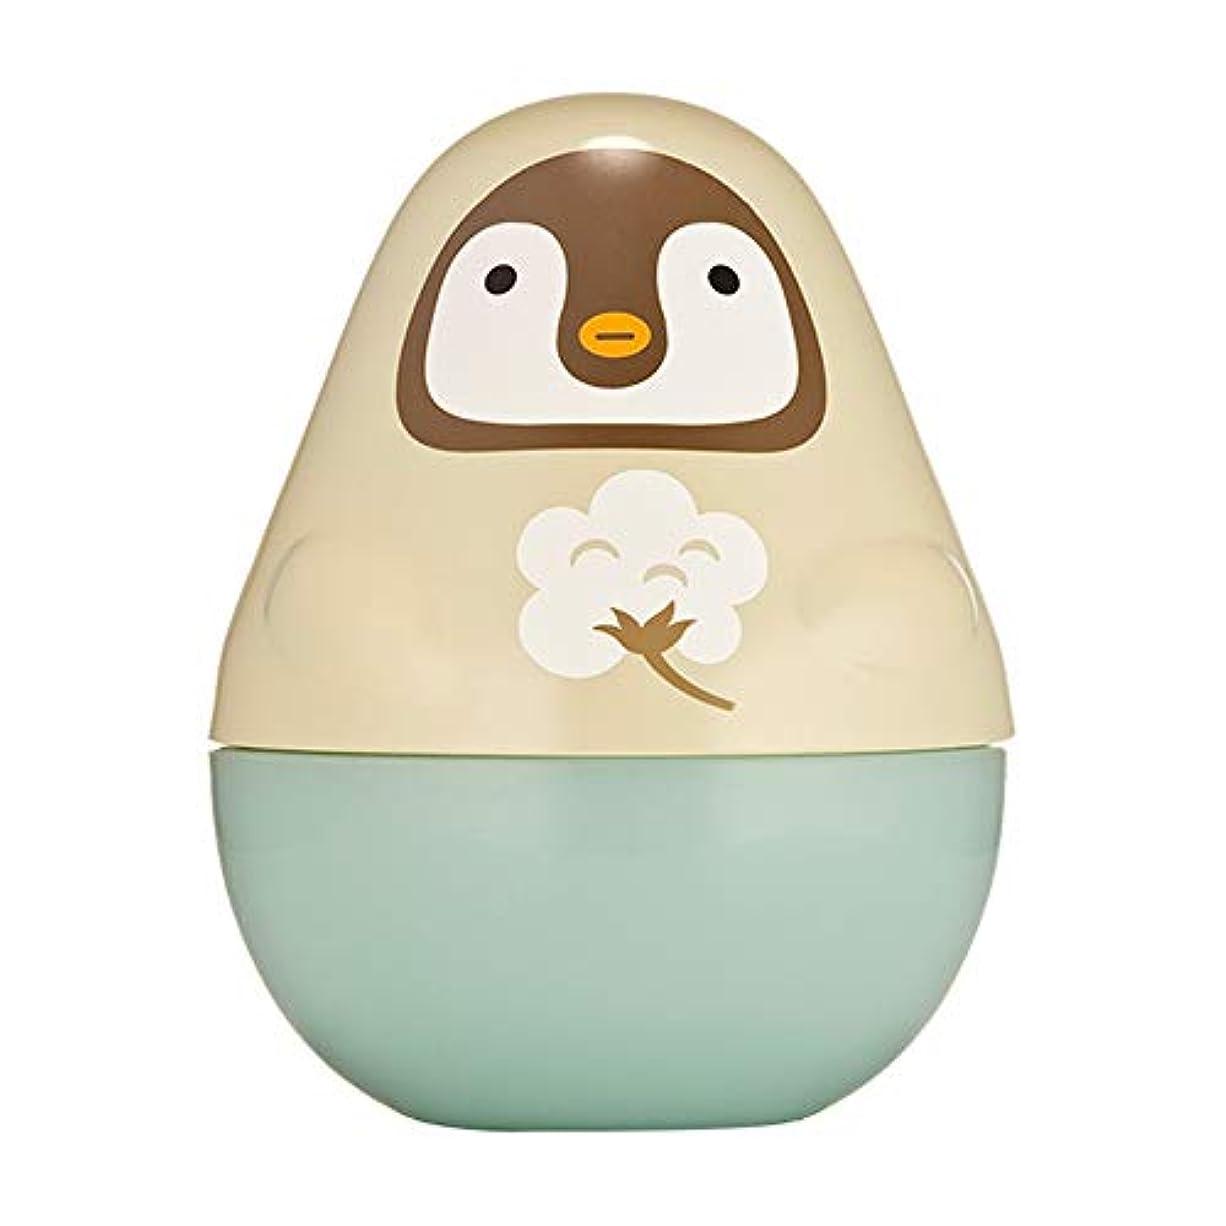 実験をするガイド地殻エチュードハウス(ETUDE HOUSE) ミッシングユー ハンドクリーム ペンギン(ベビーパウダーの香り)